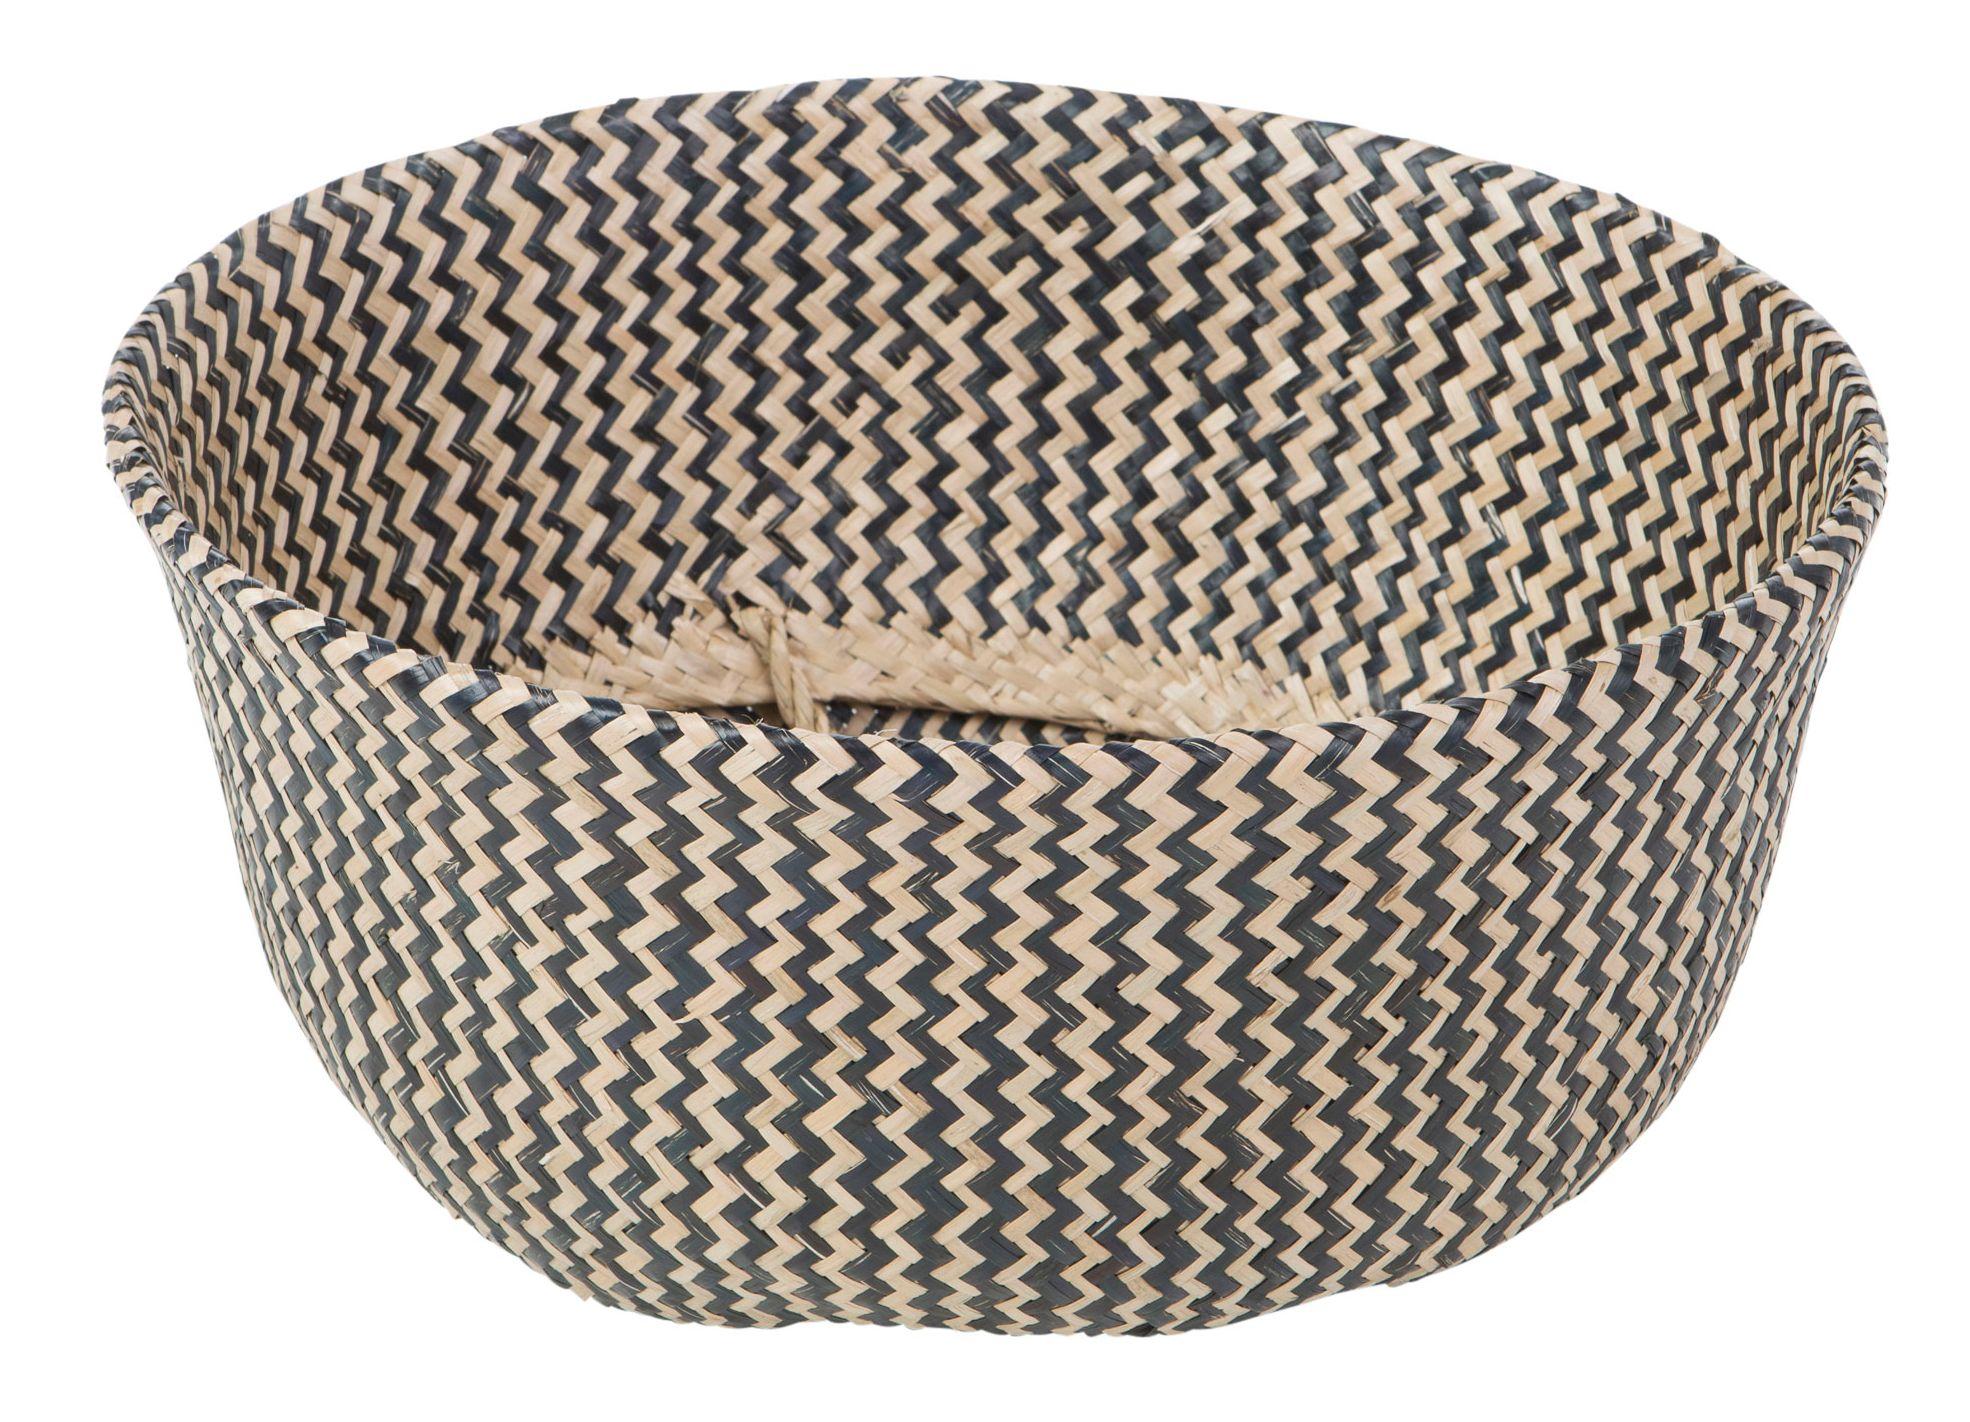 Deko-Korb Streifen